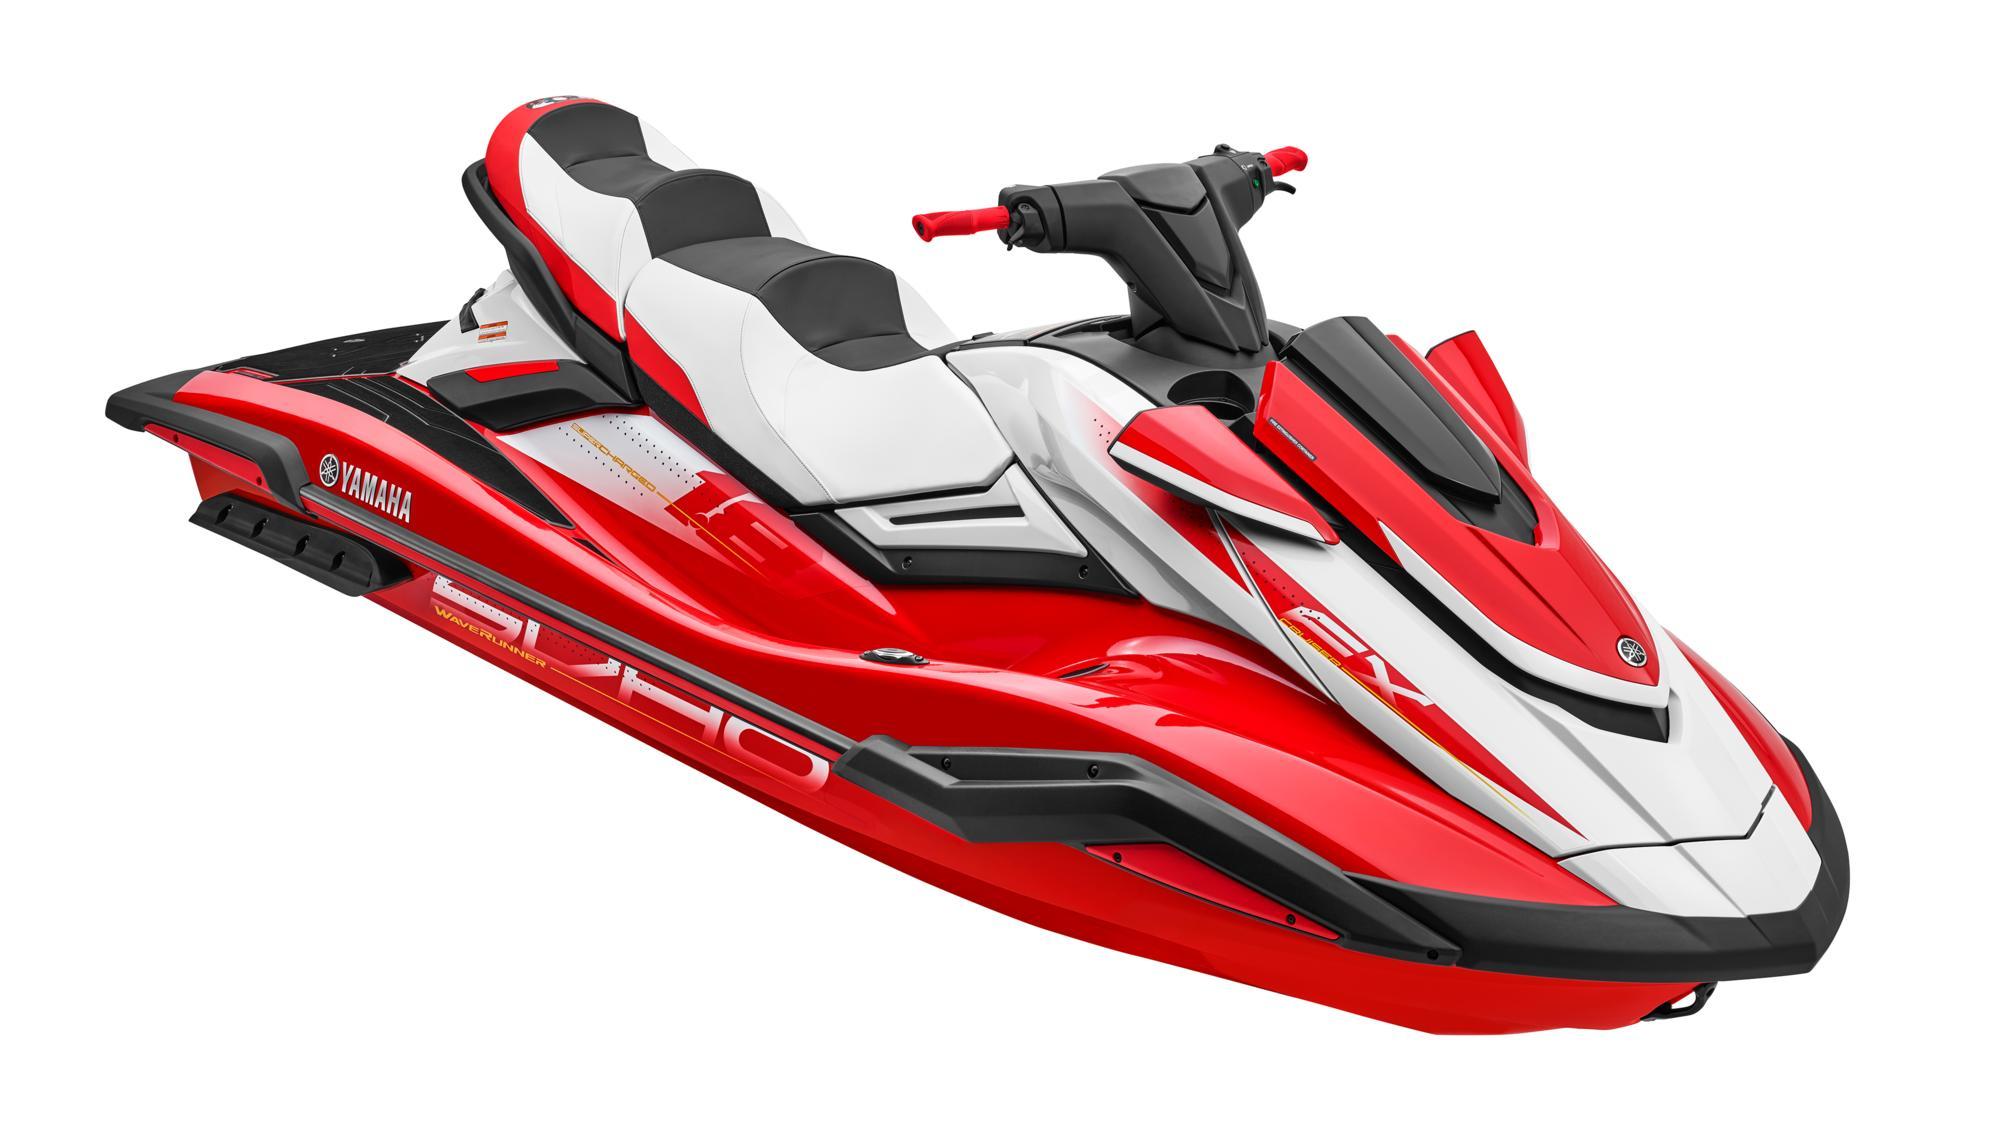 Yamaha FX Cruiser SVHO 2021 Image